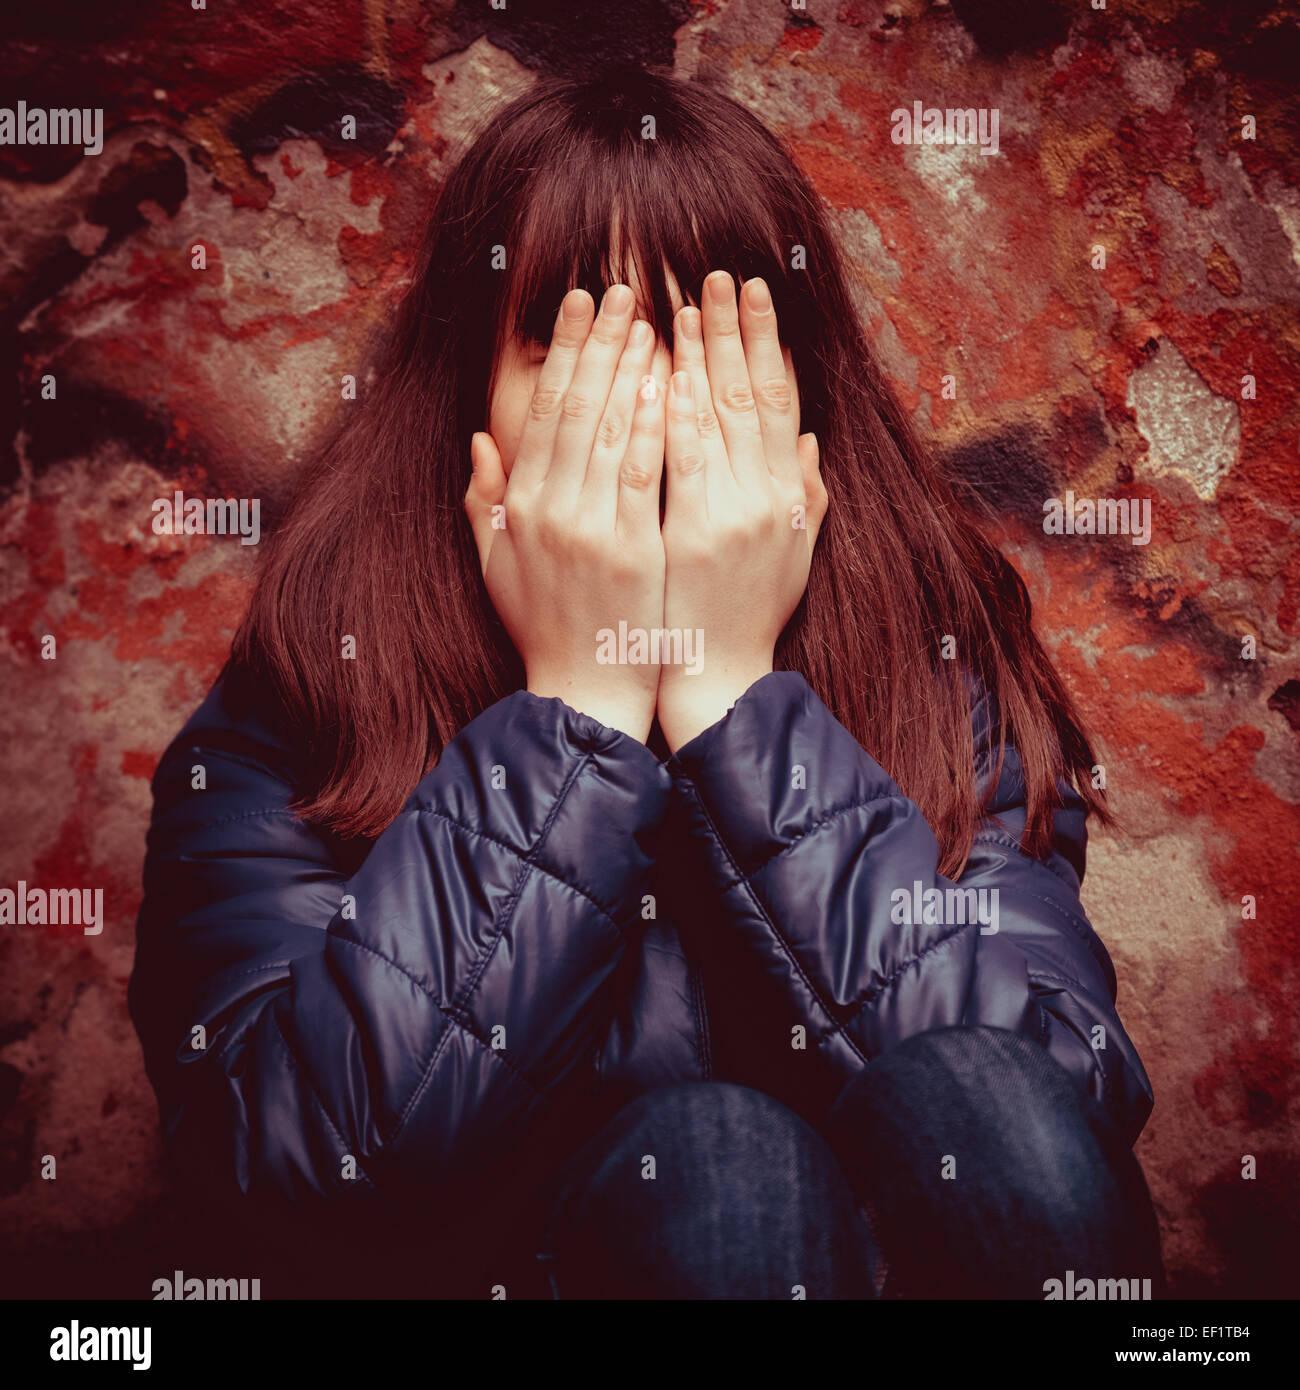 Ragazza adolescente con le mani sopra gli occhi vicino drammatica parete rossa all'aperto Immagini Stock